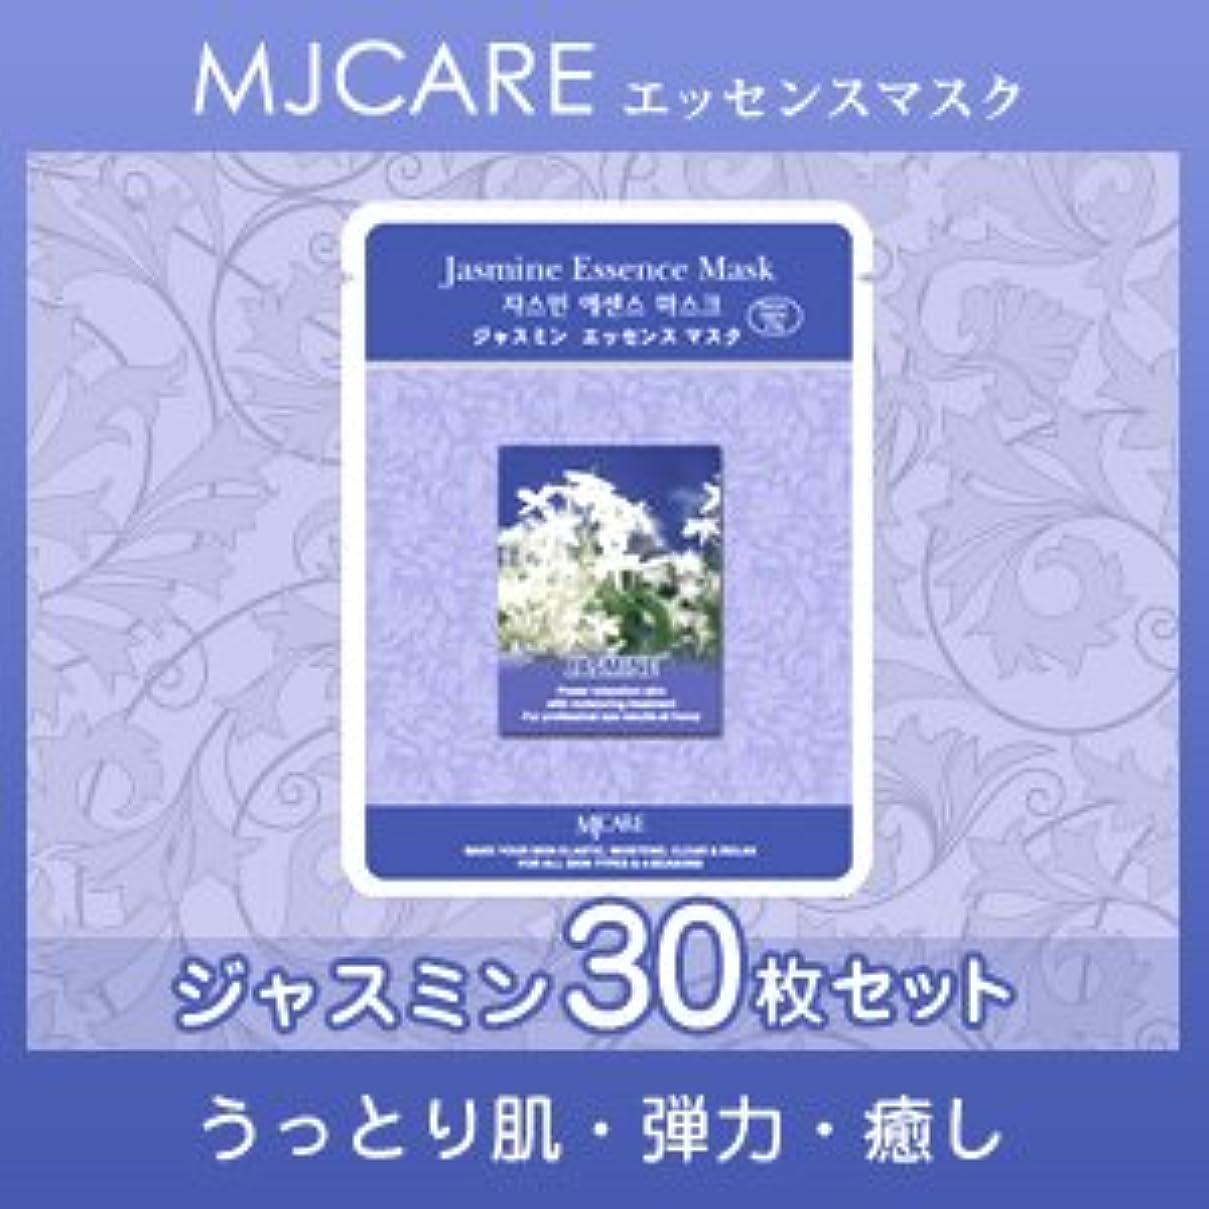 項目クローン誤解するMJCARE (エムジェイケア) ジャスミン エッセンスマスク 30セット